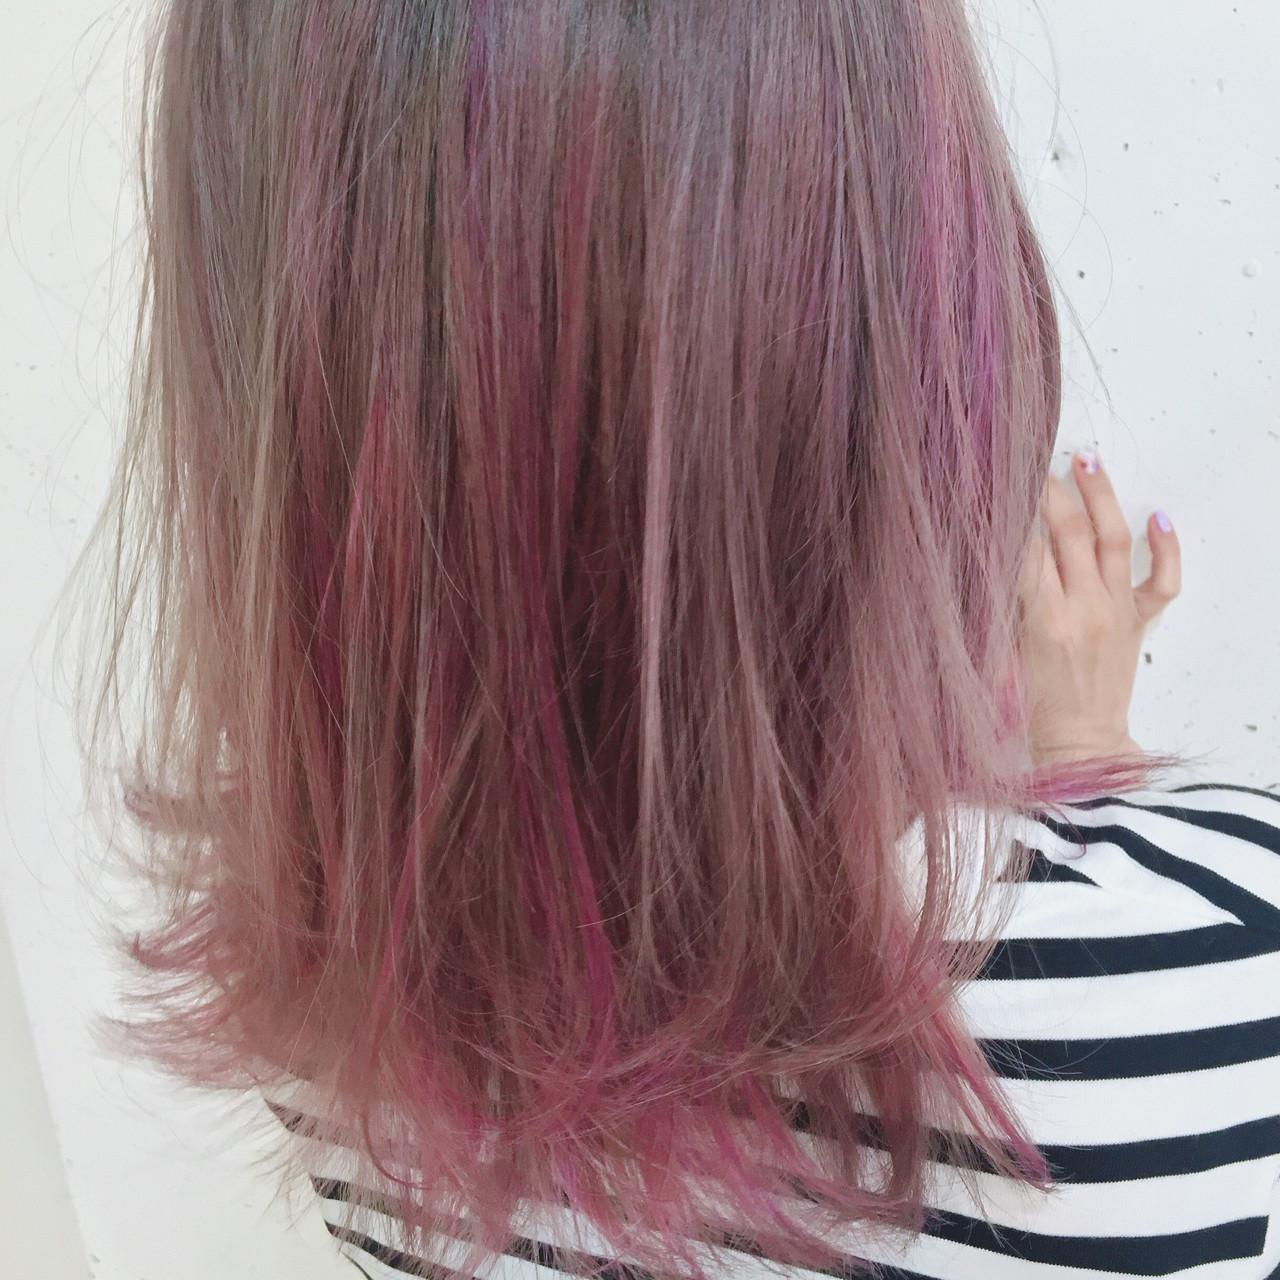 ピンク ハイライト ストリート ダブルカラー ヘアスタイルや髪型の写真・画像